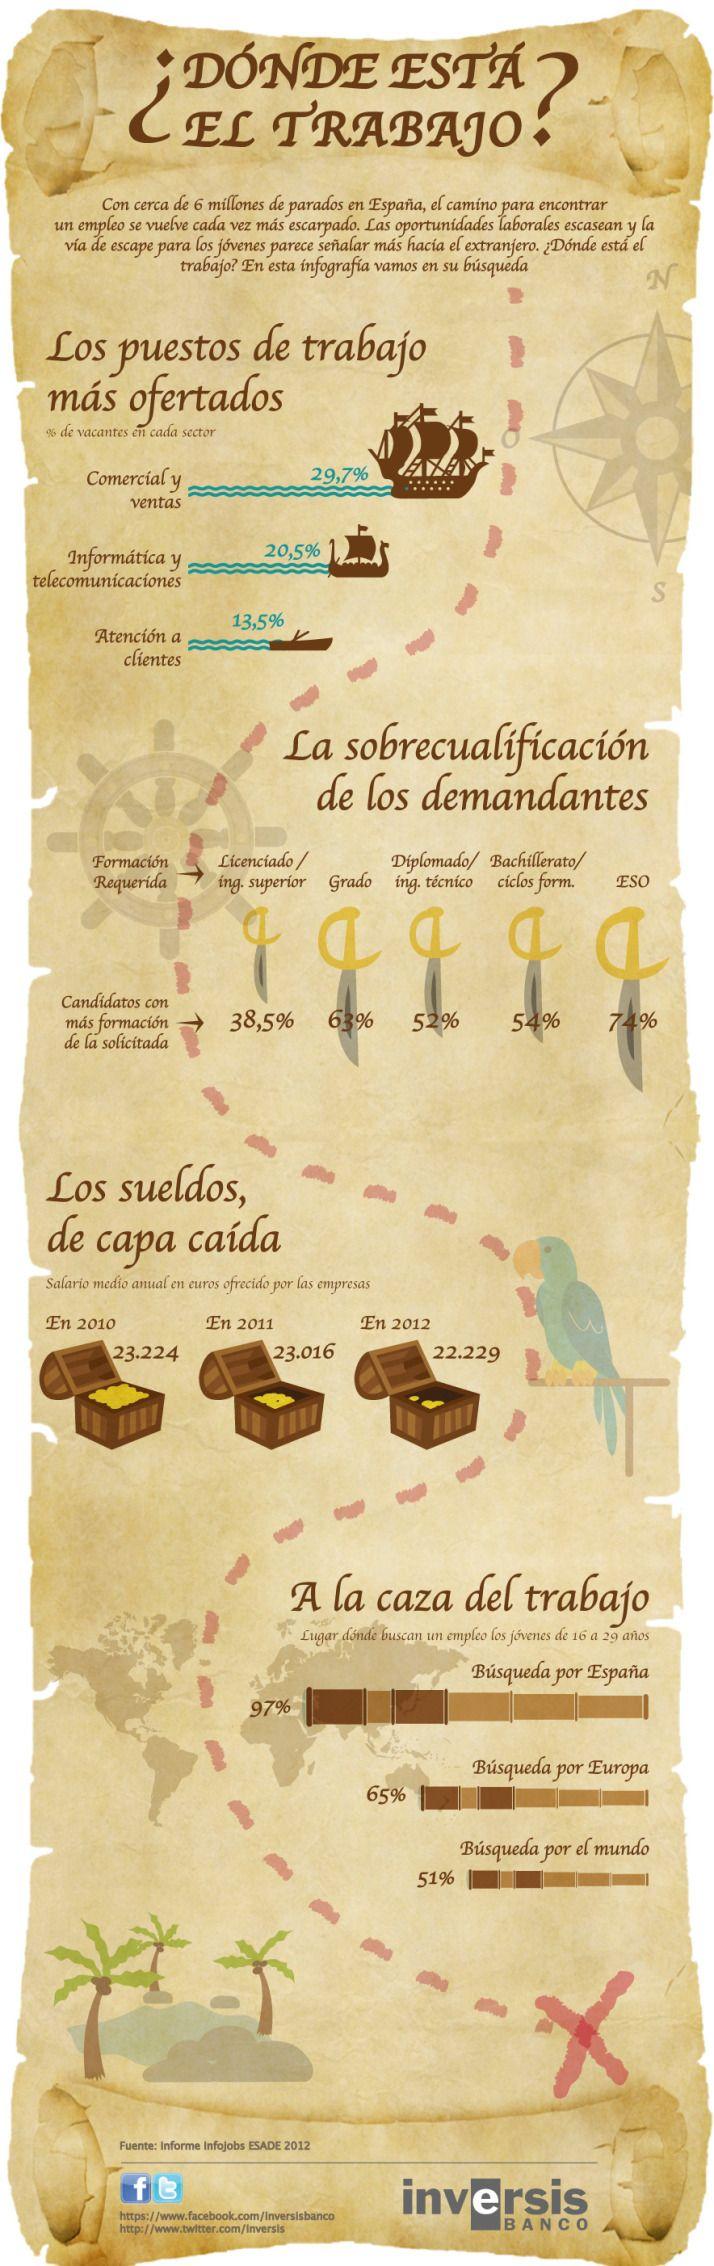 ¿Dónde está el trabajo? (España) #infografia #infographic